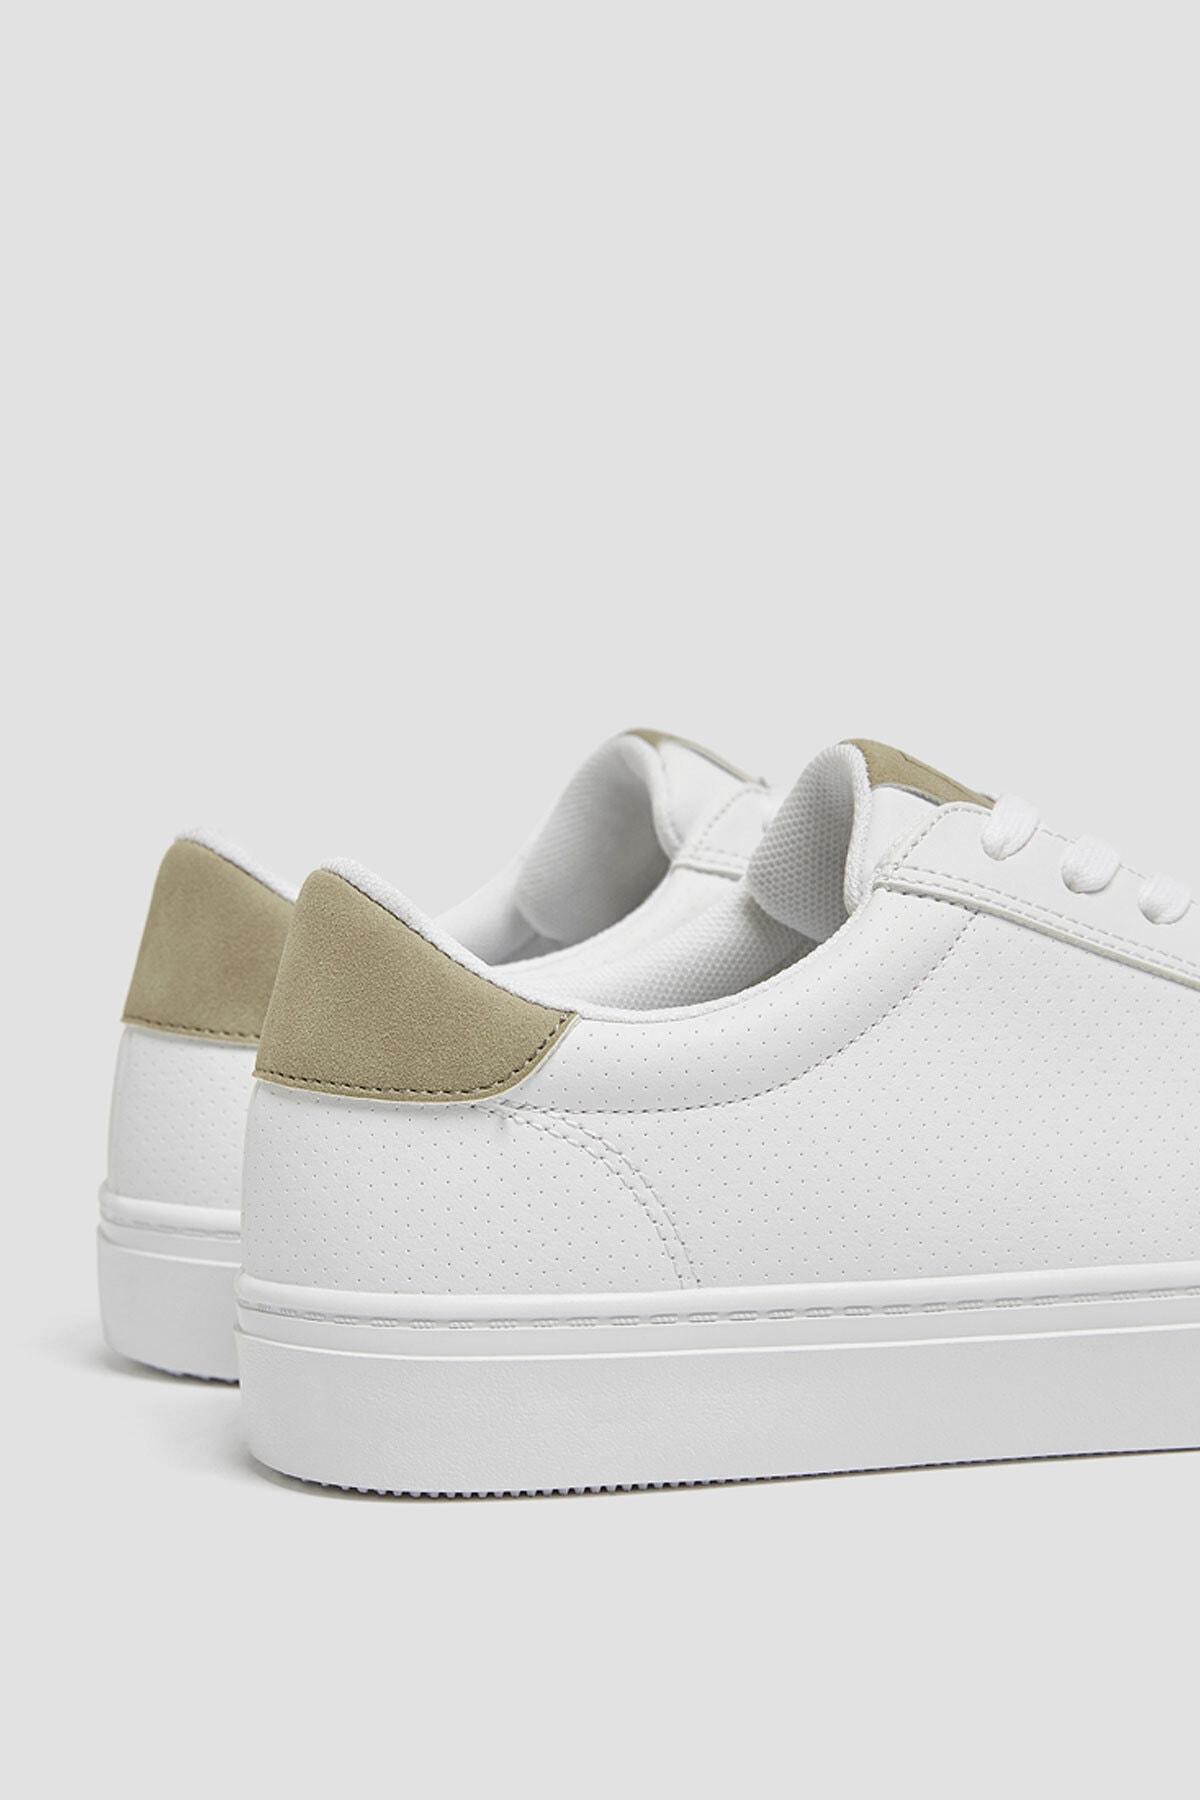 Pull & Bear Erkek Beyaz Mikro Delikli Spor Ayakkabı 12204640 4